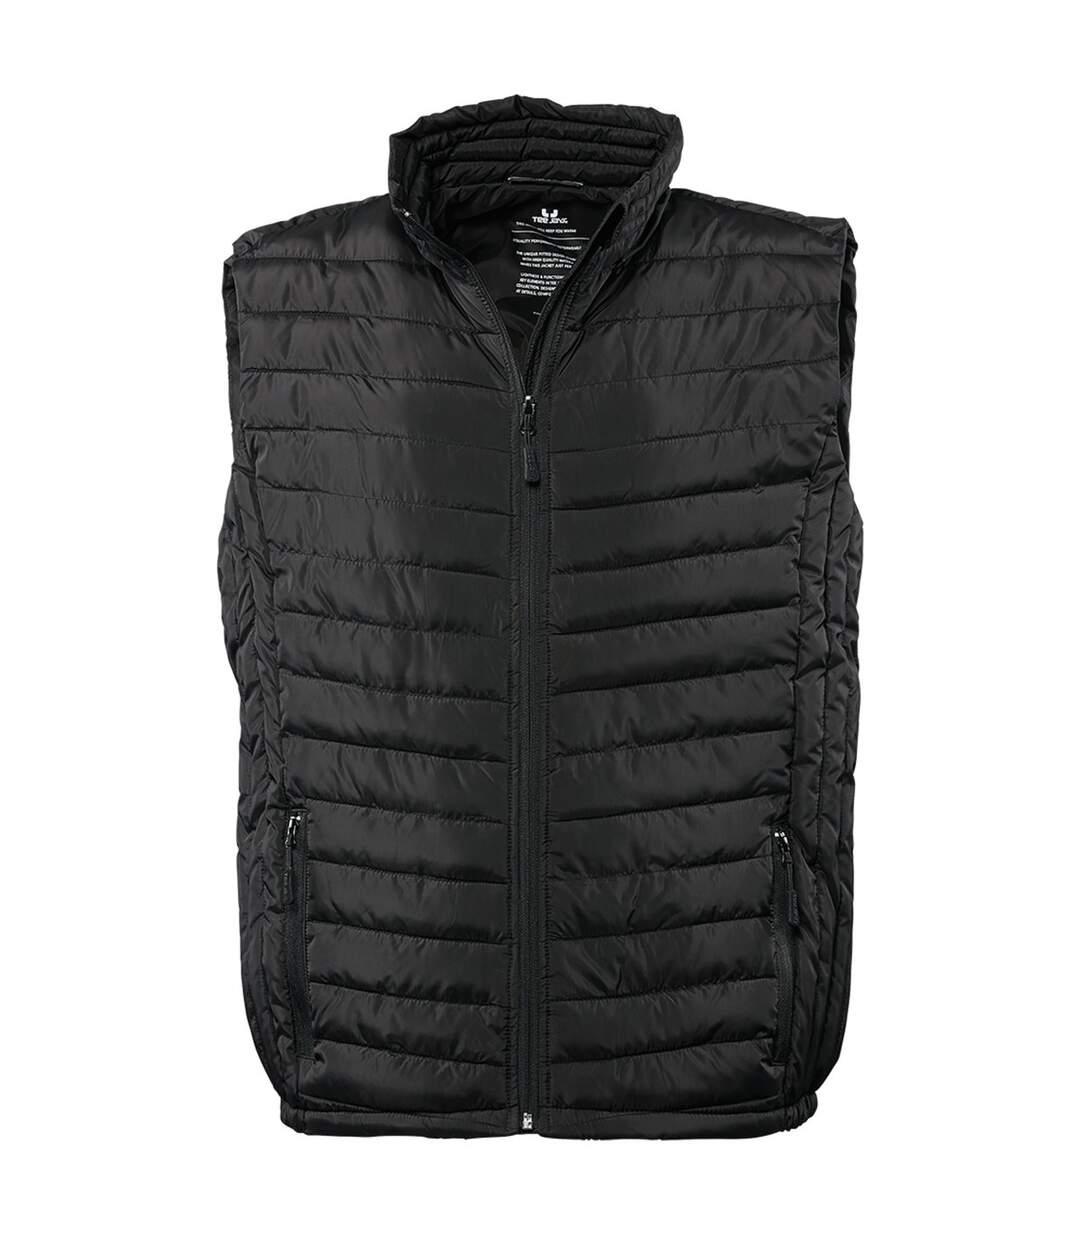 Tee Jays Mens Padded Zepelin Vest Jacket / Gilet (Black) - UTBC3336